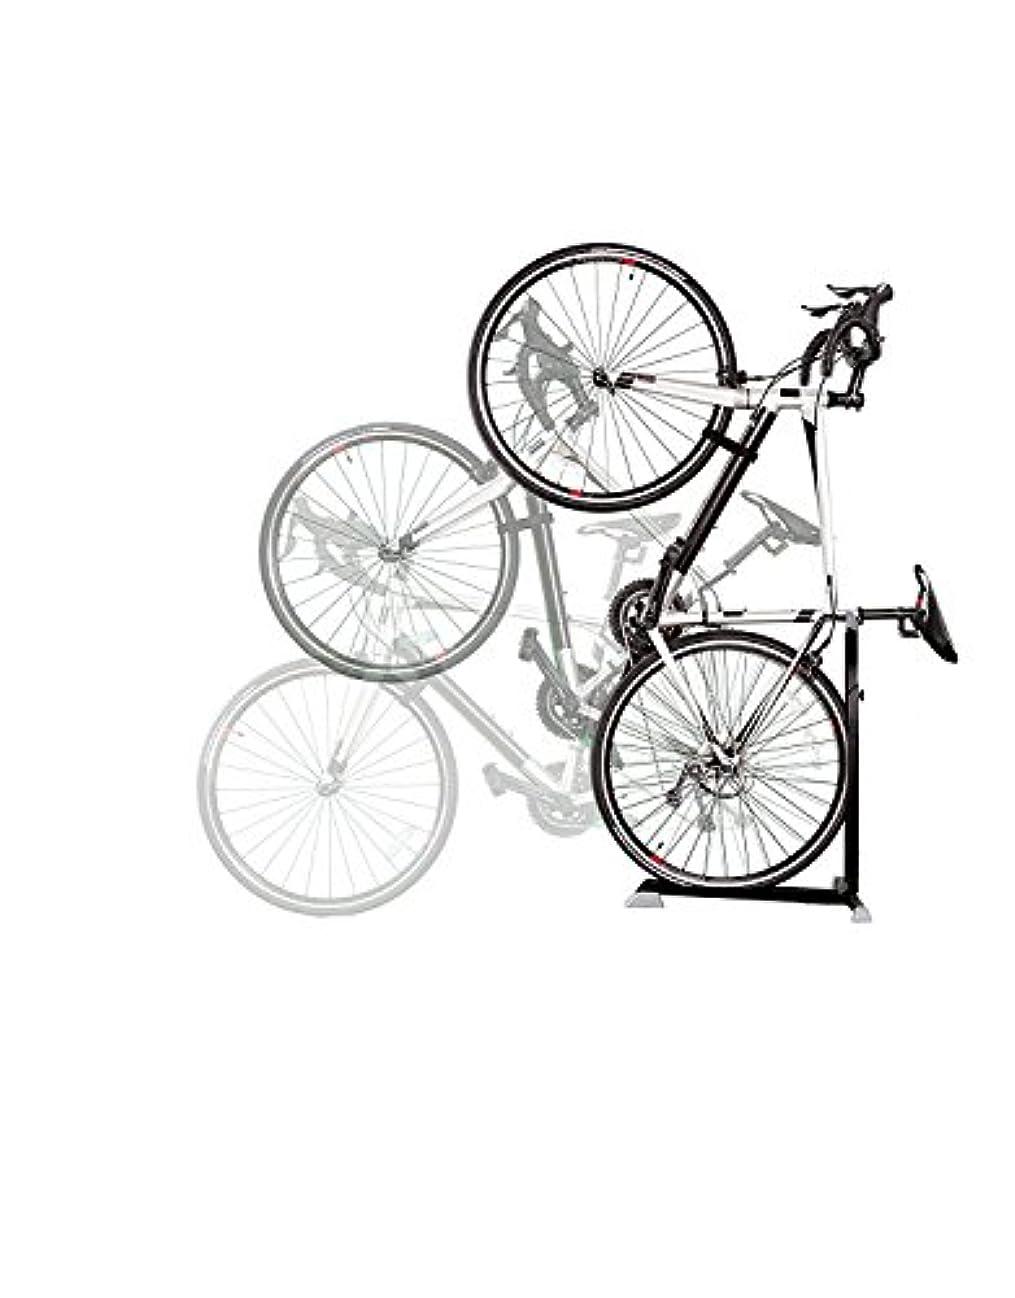 教印をつけるマーケティングNinoLite 自転車スタンド B106 日本市場向け 室内外用縦置き ガレージ 玄関 お部屋 ベランダ設置等 スペース節約 簡単組立て 日本語取り扱い説明書付き